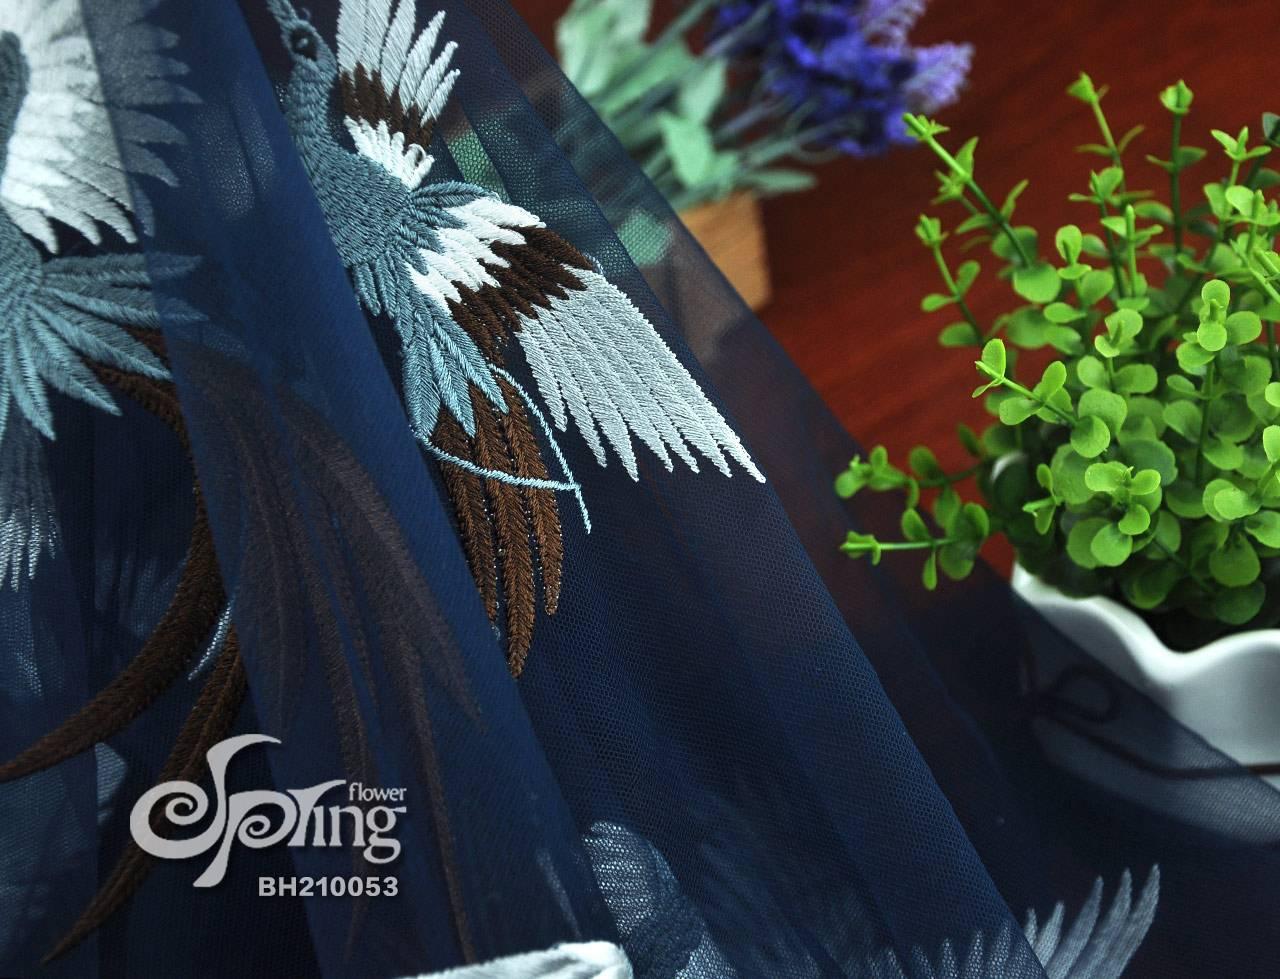 鸟雀图网布刺绣面料 刺绣花边厂家直供 百华科技